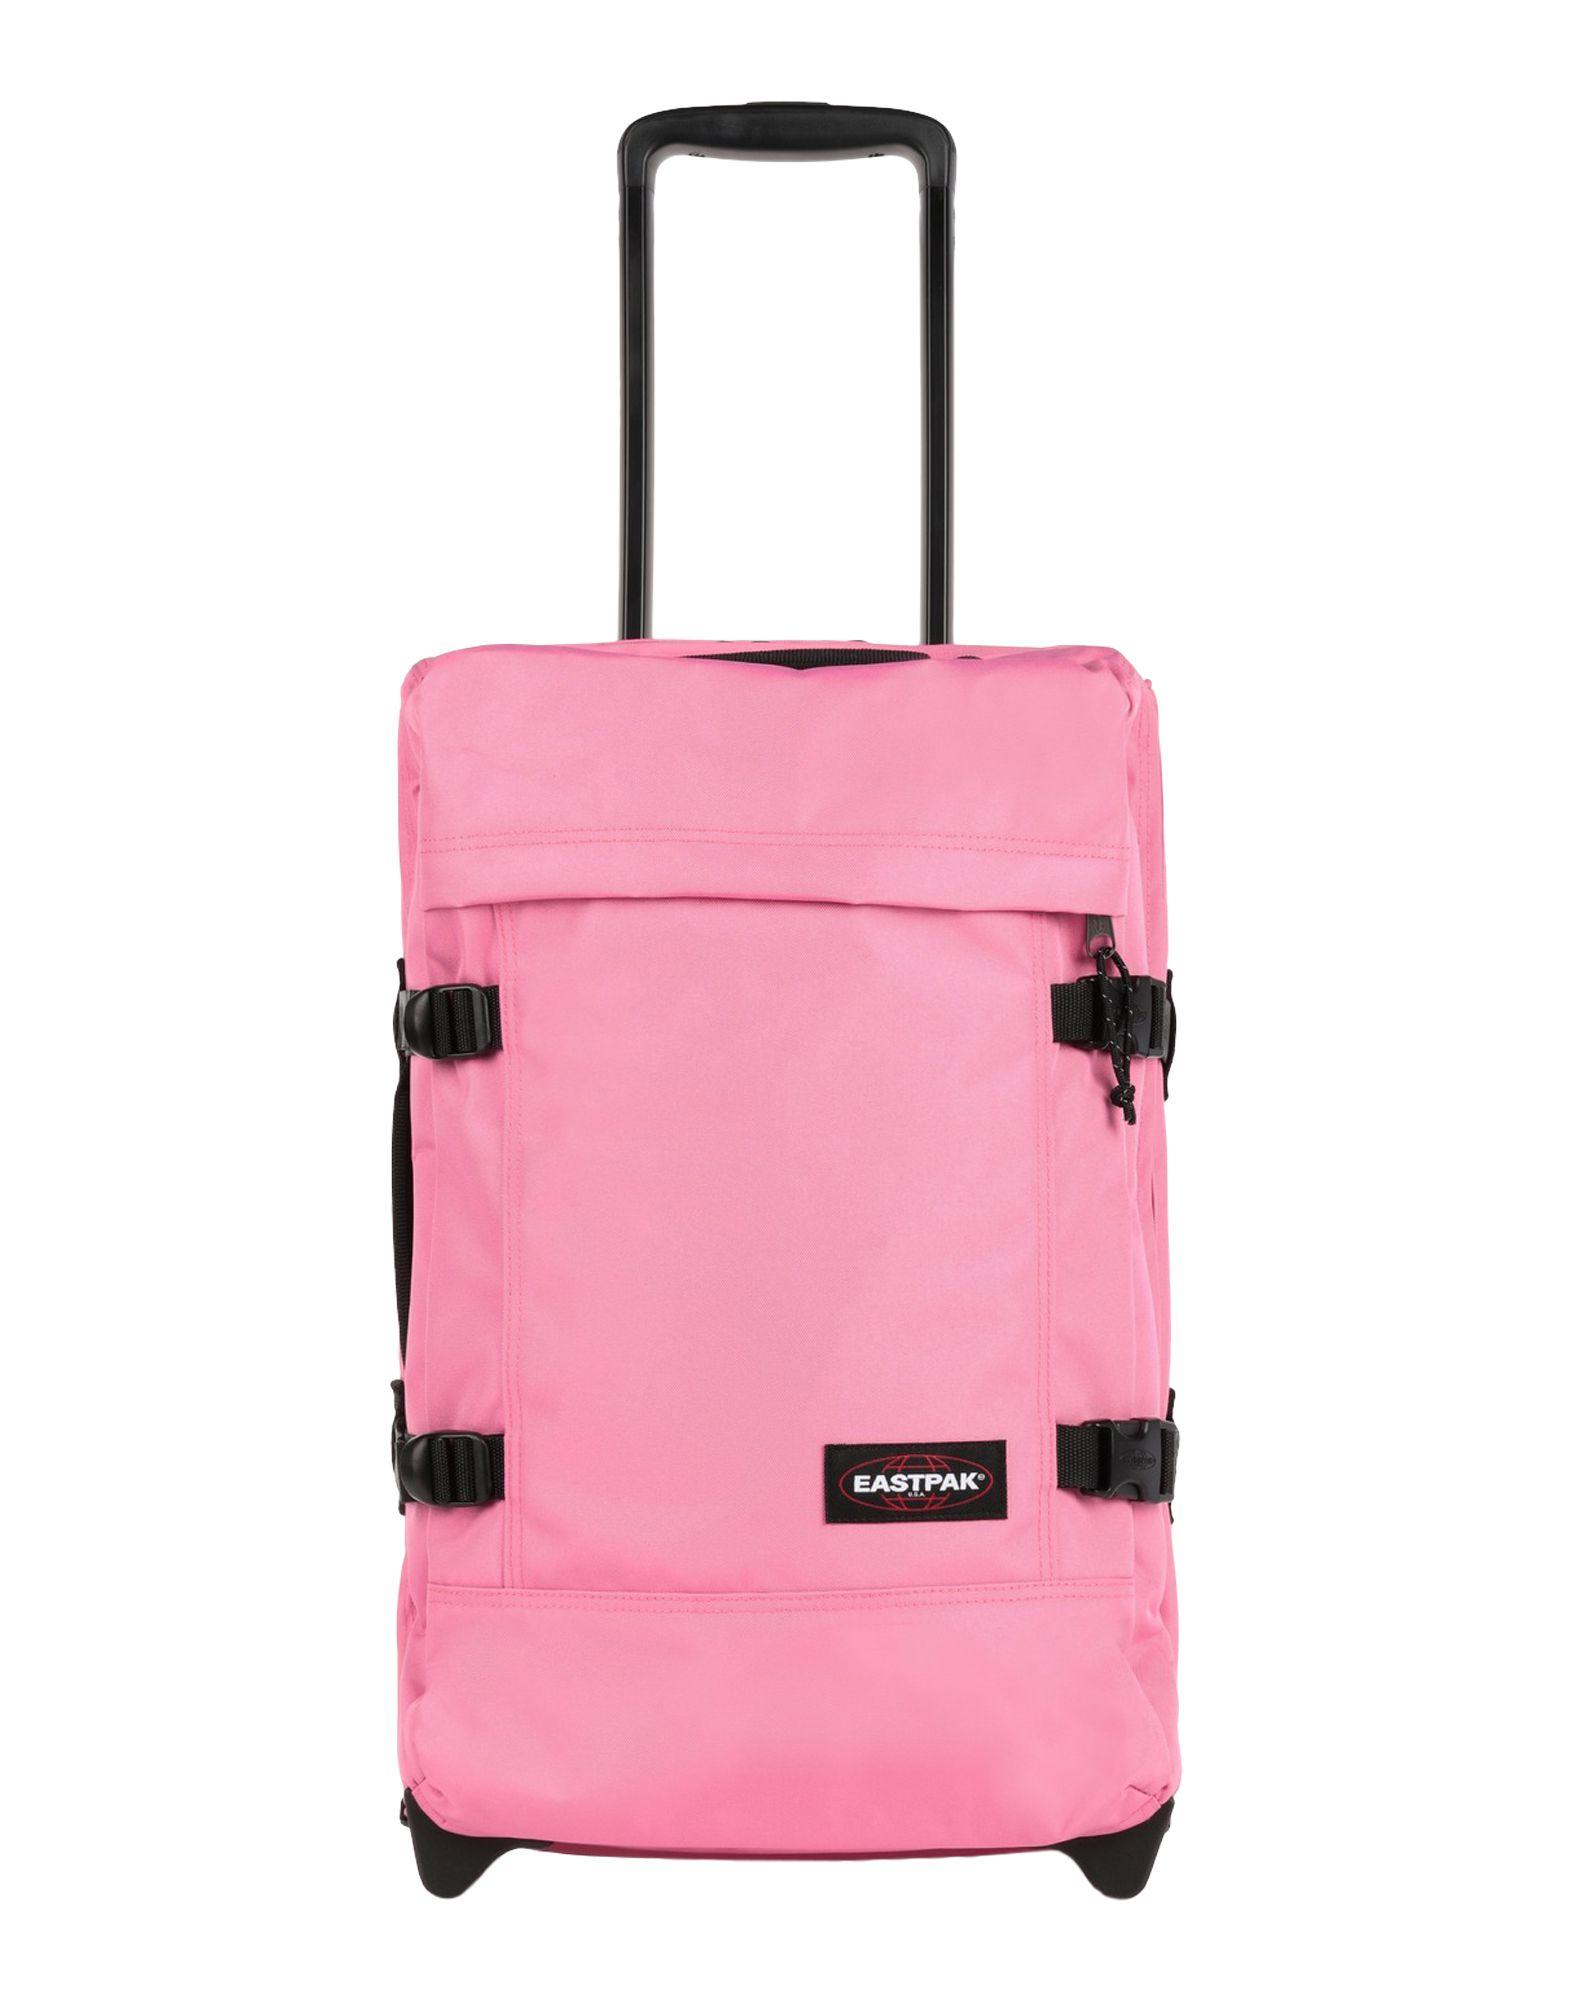 《セール開催中》EASTPAK Unisex キャスター付きバッグ ピンク ポリエステル 100% TRANVERZ S QUIET KHAKI